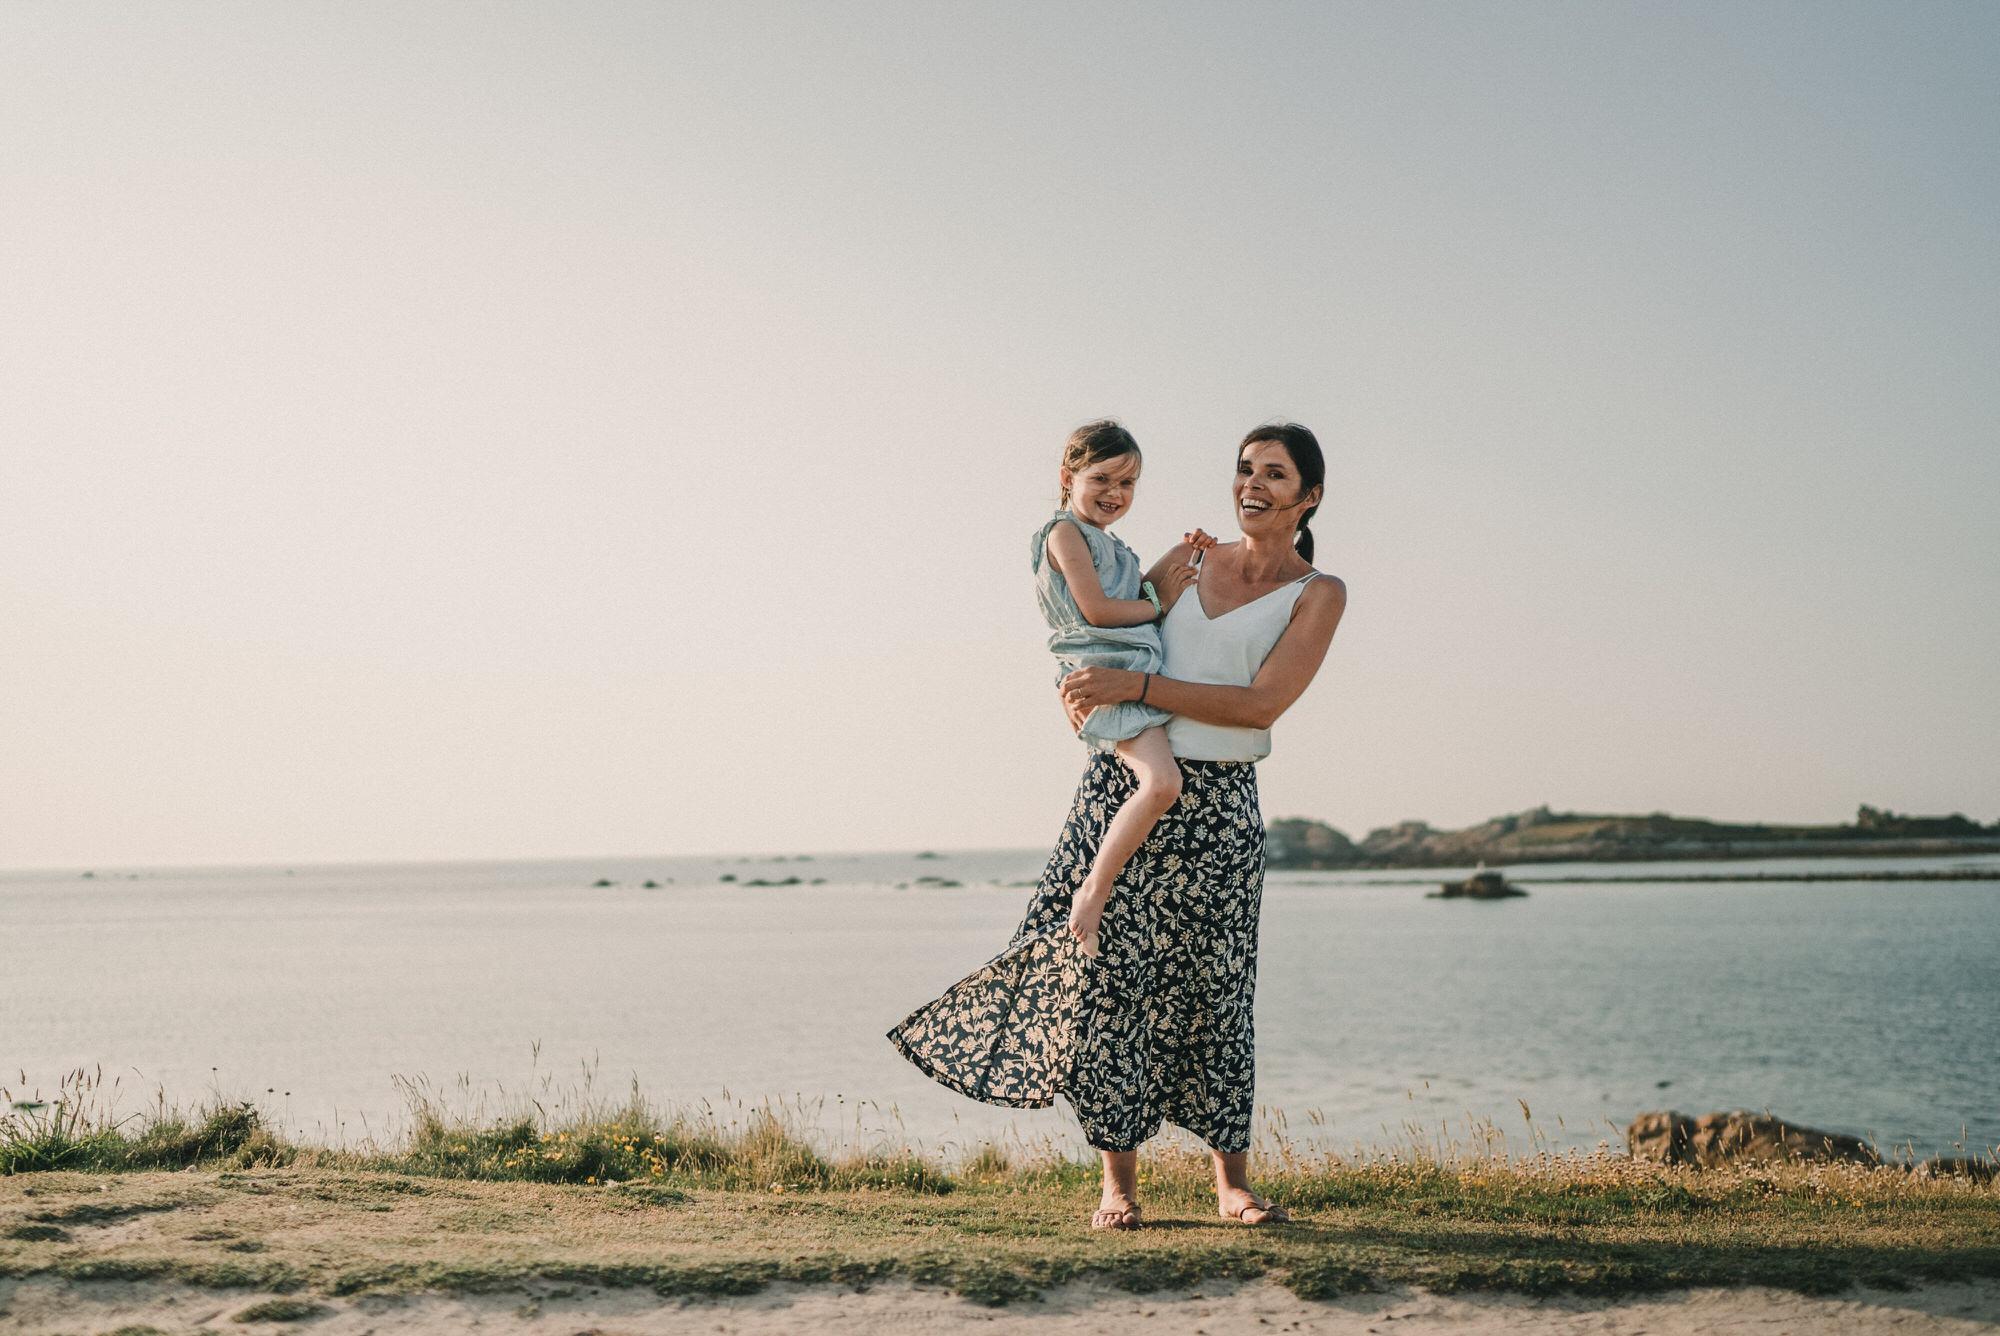 2021.07.20 Photo De Famille A Porspoder En Bretagne Par Antoine Borzeix 69, Photographe & Videaste à Brest / Finistère